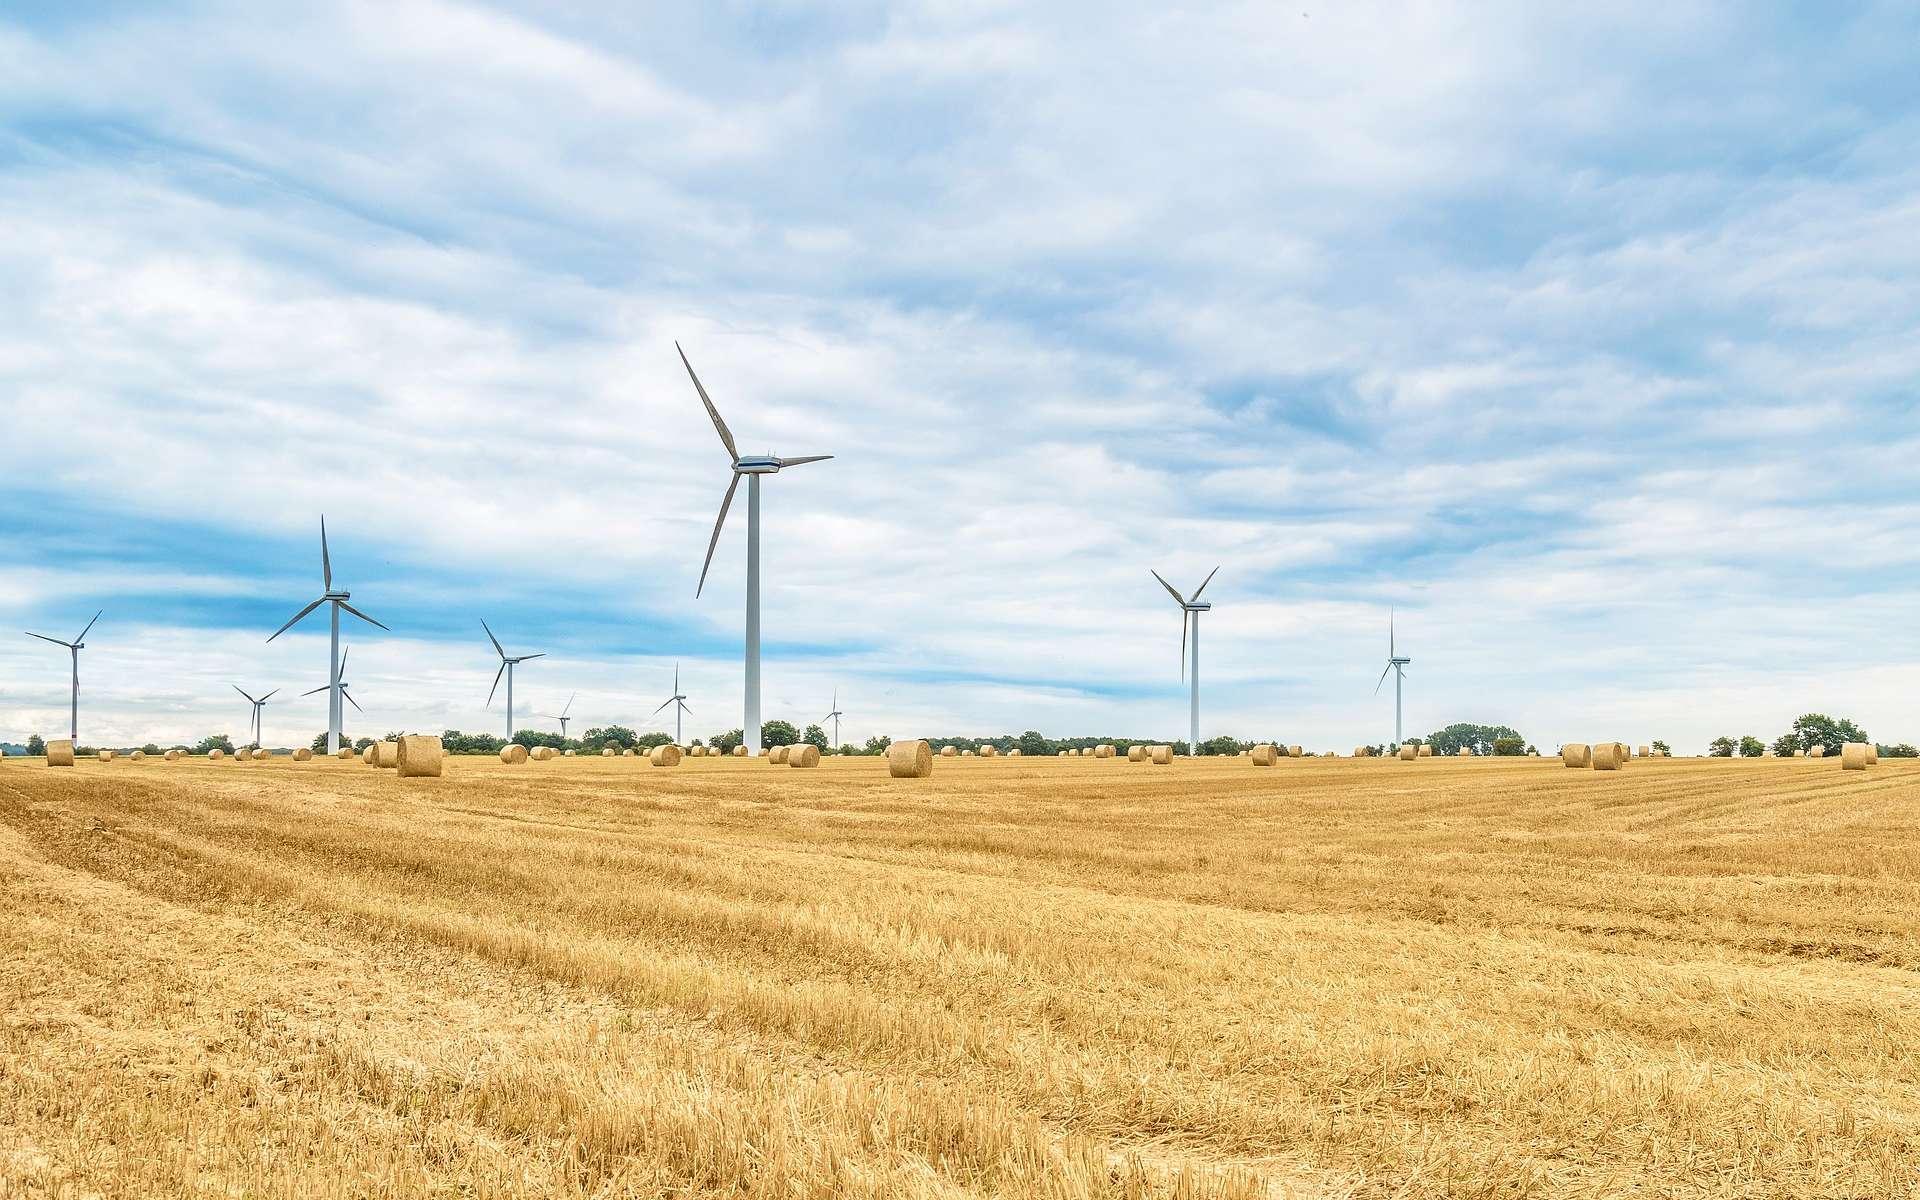 Il existe cinq types d'énergies renouvelables : solaire, éolienne, hydraulique, biomasse et géothermie. Ici, des éoliennes. © kliemphoto, Pixabay